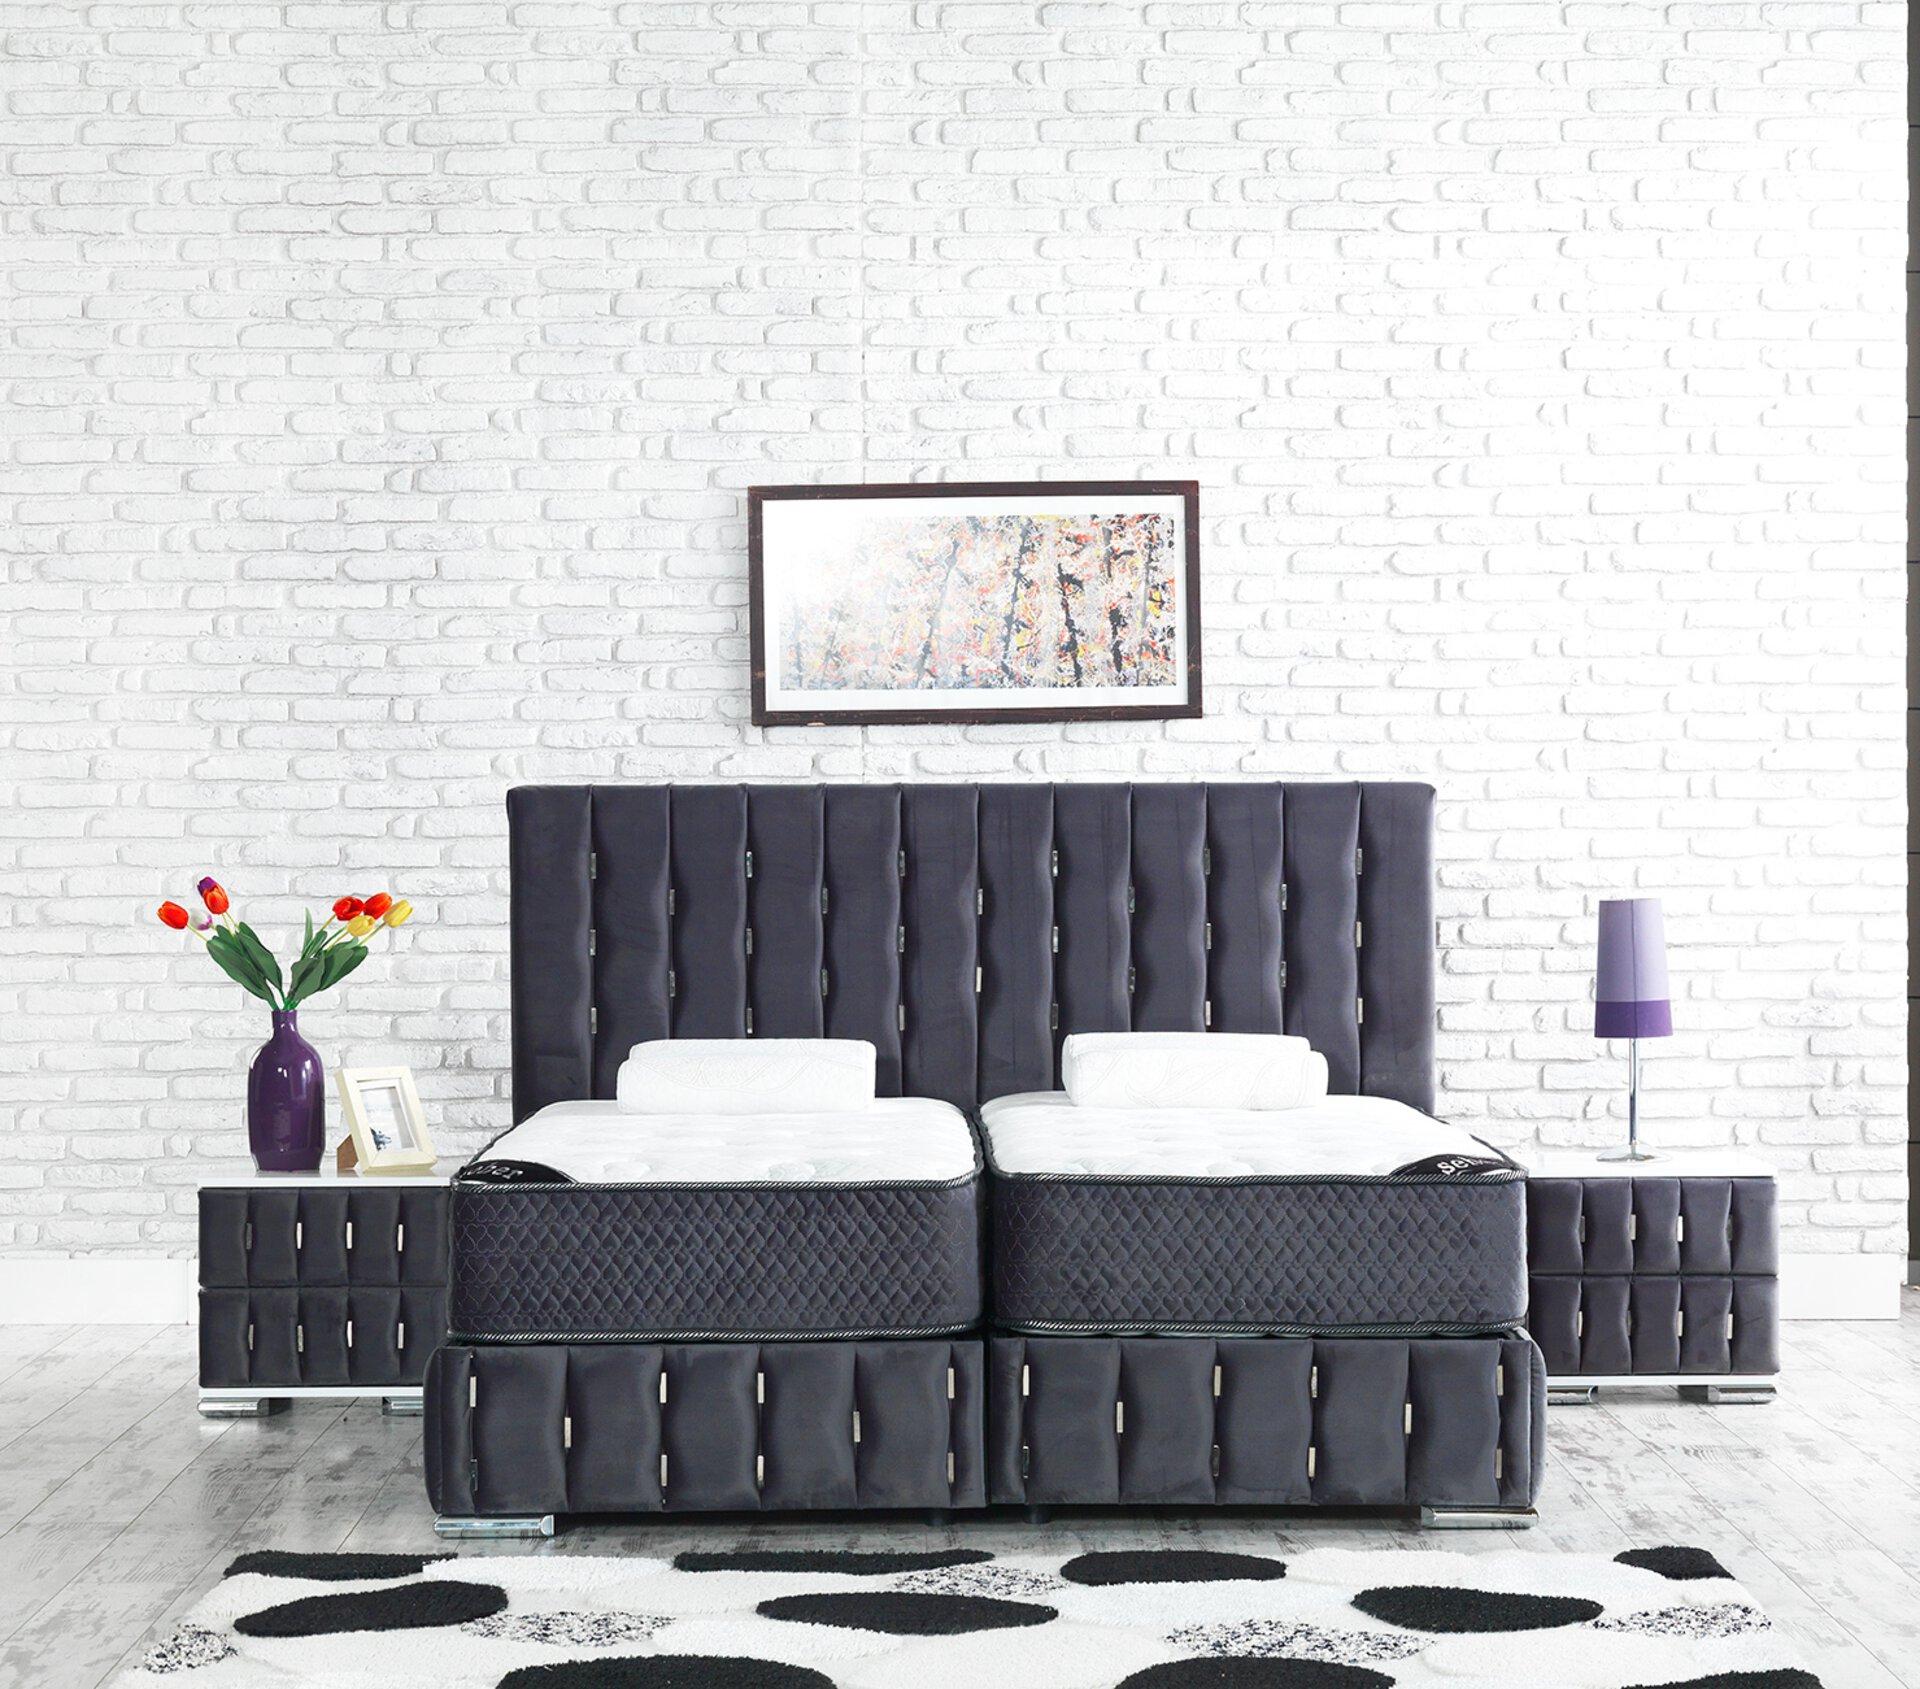 Polsterbett 040.000303 Dreamoro Textil